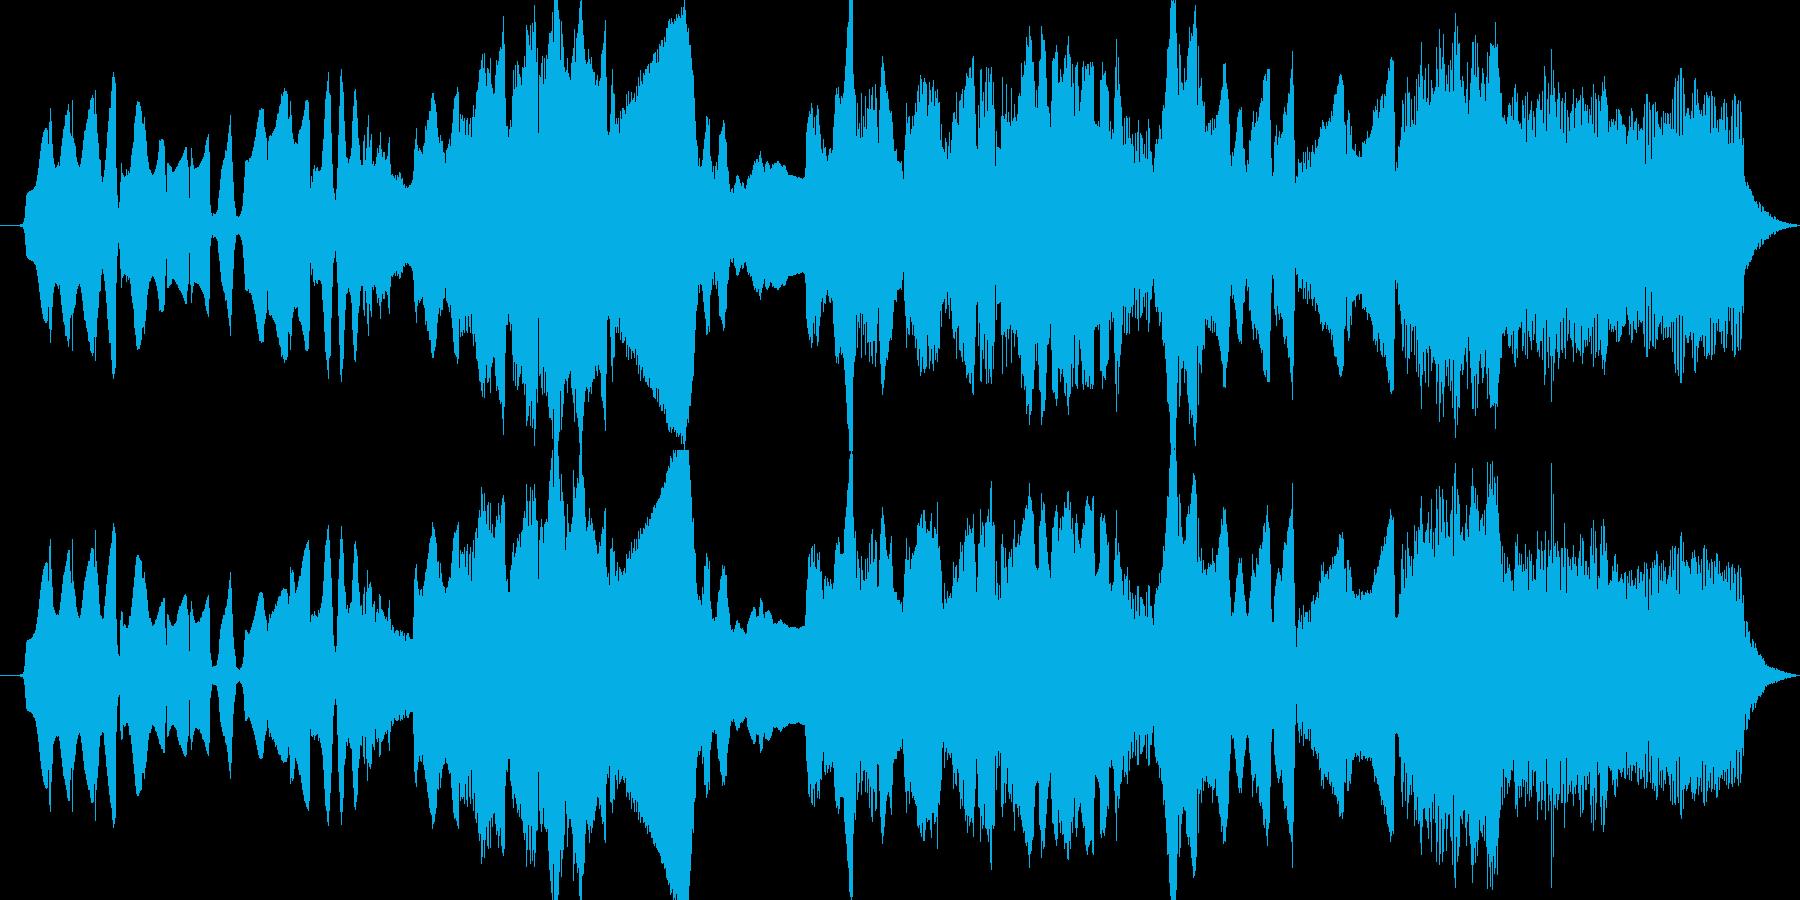 鍵盤ハーモニカとパイプオルガンによる牧歌の再生済みの波形